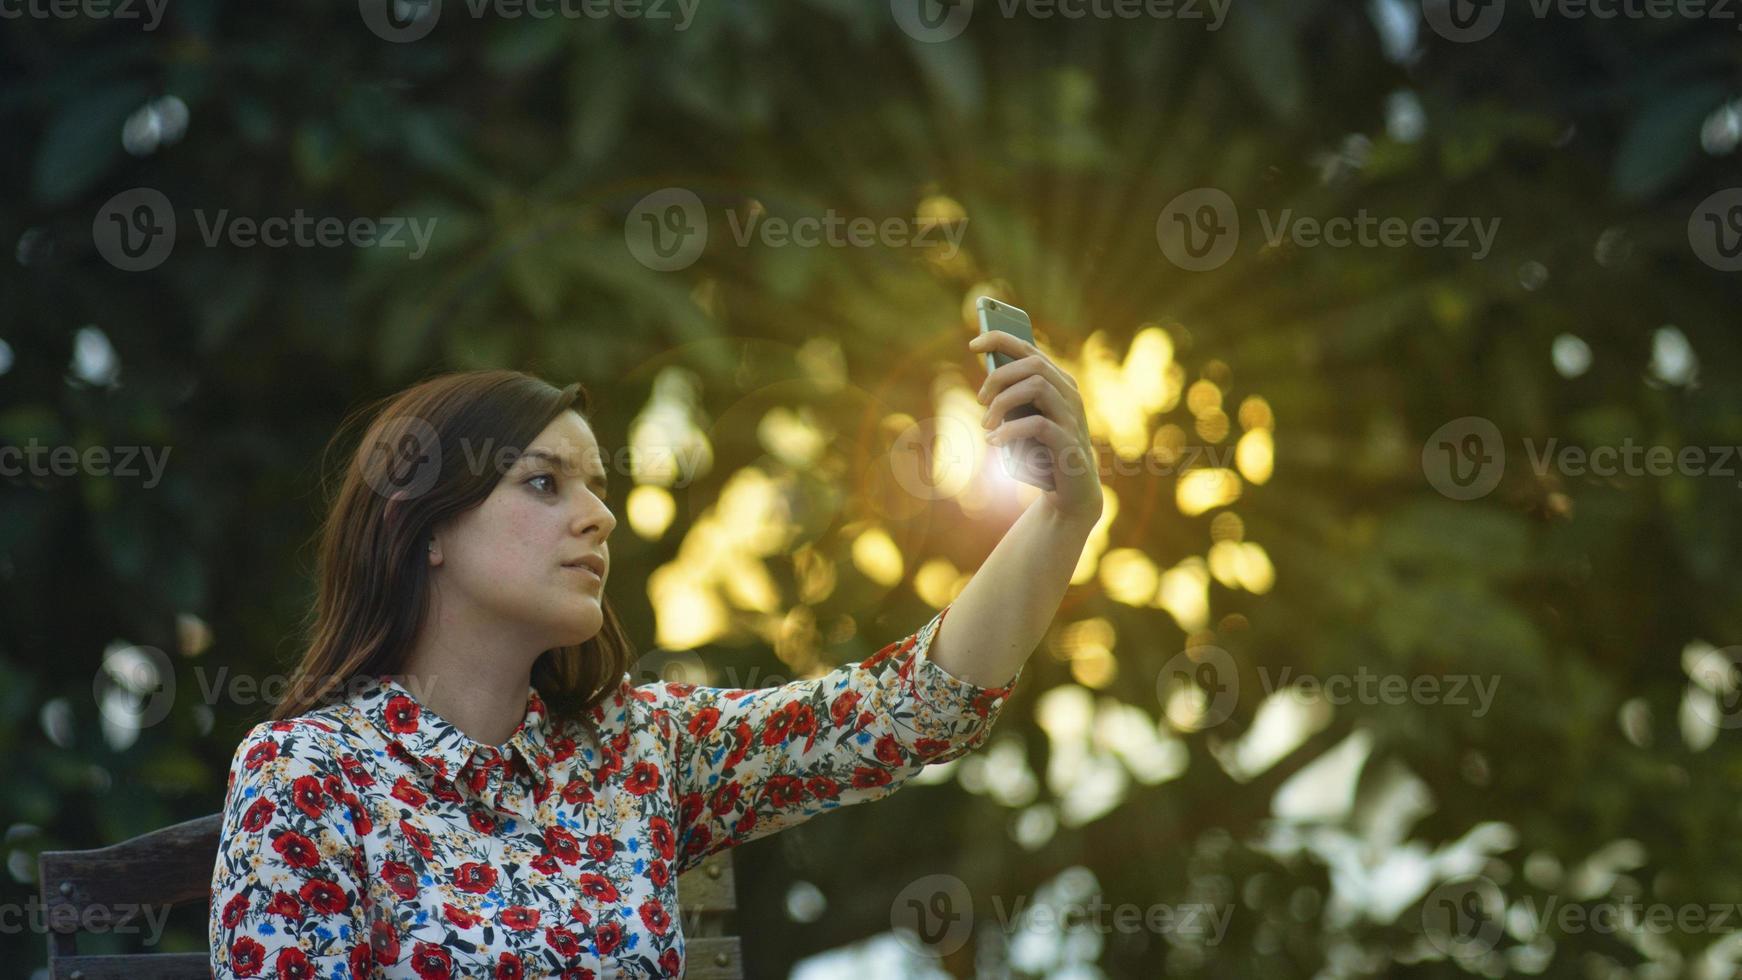 junge Frau in einem Blumenkleid macht ein Selfie foto